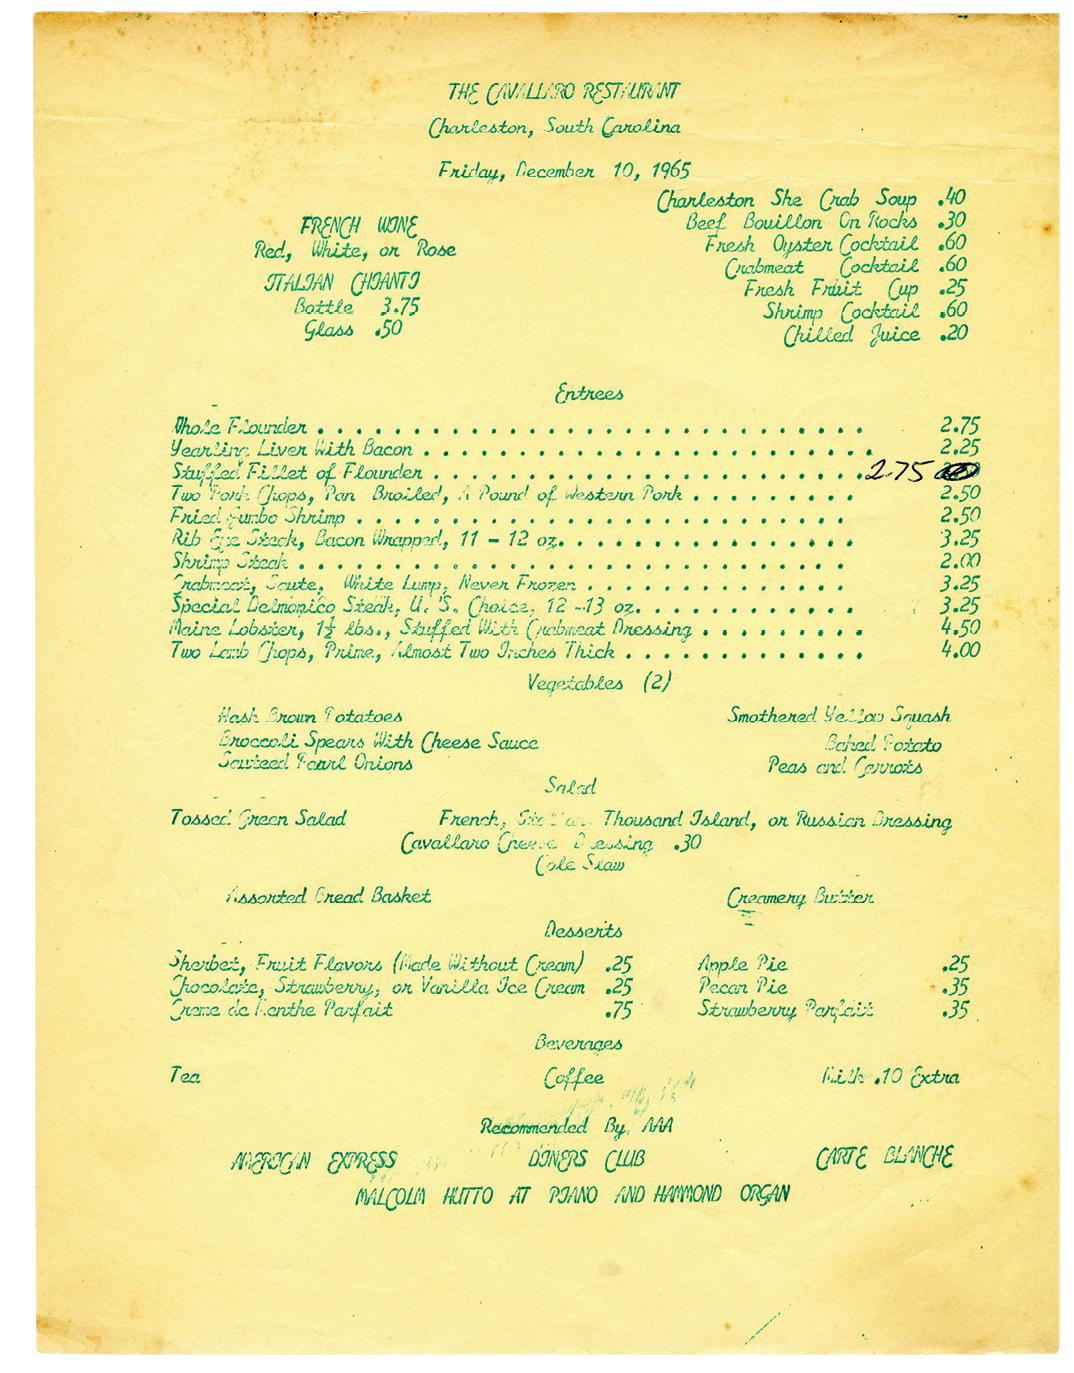 The Cavallaro menu